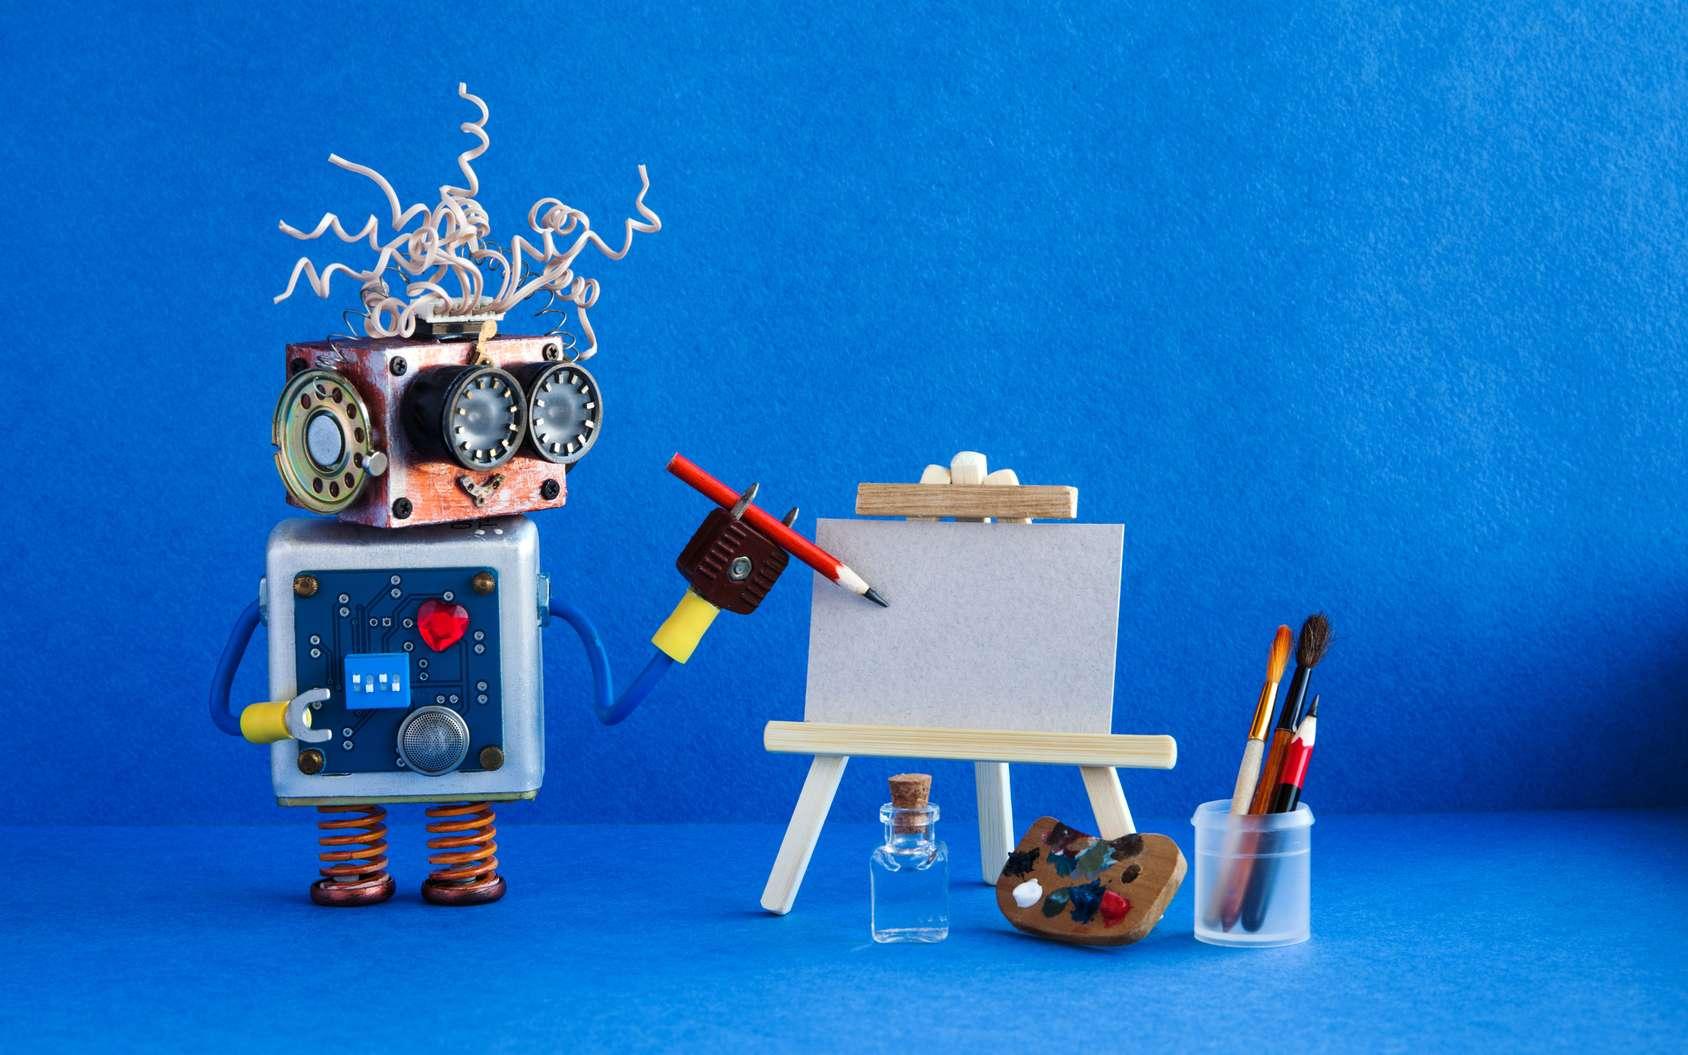 Musique, danse, peinture, photo : quand les algorithmes se font artistes. © besjunior, Fotolia